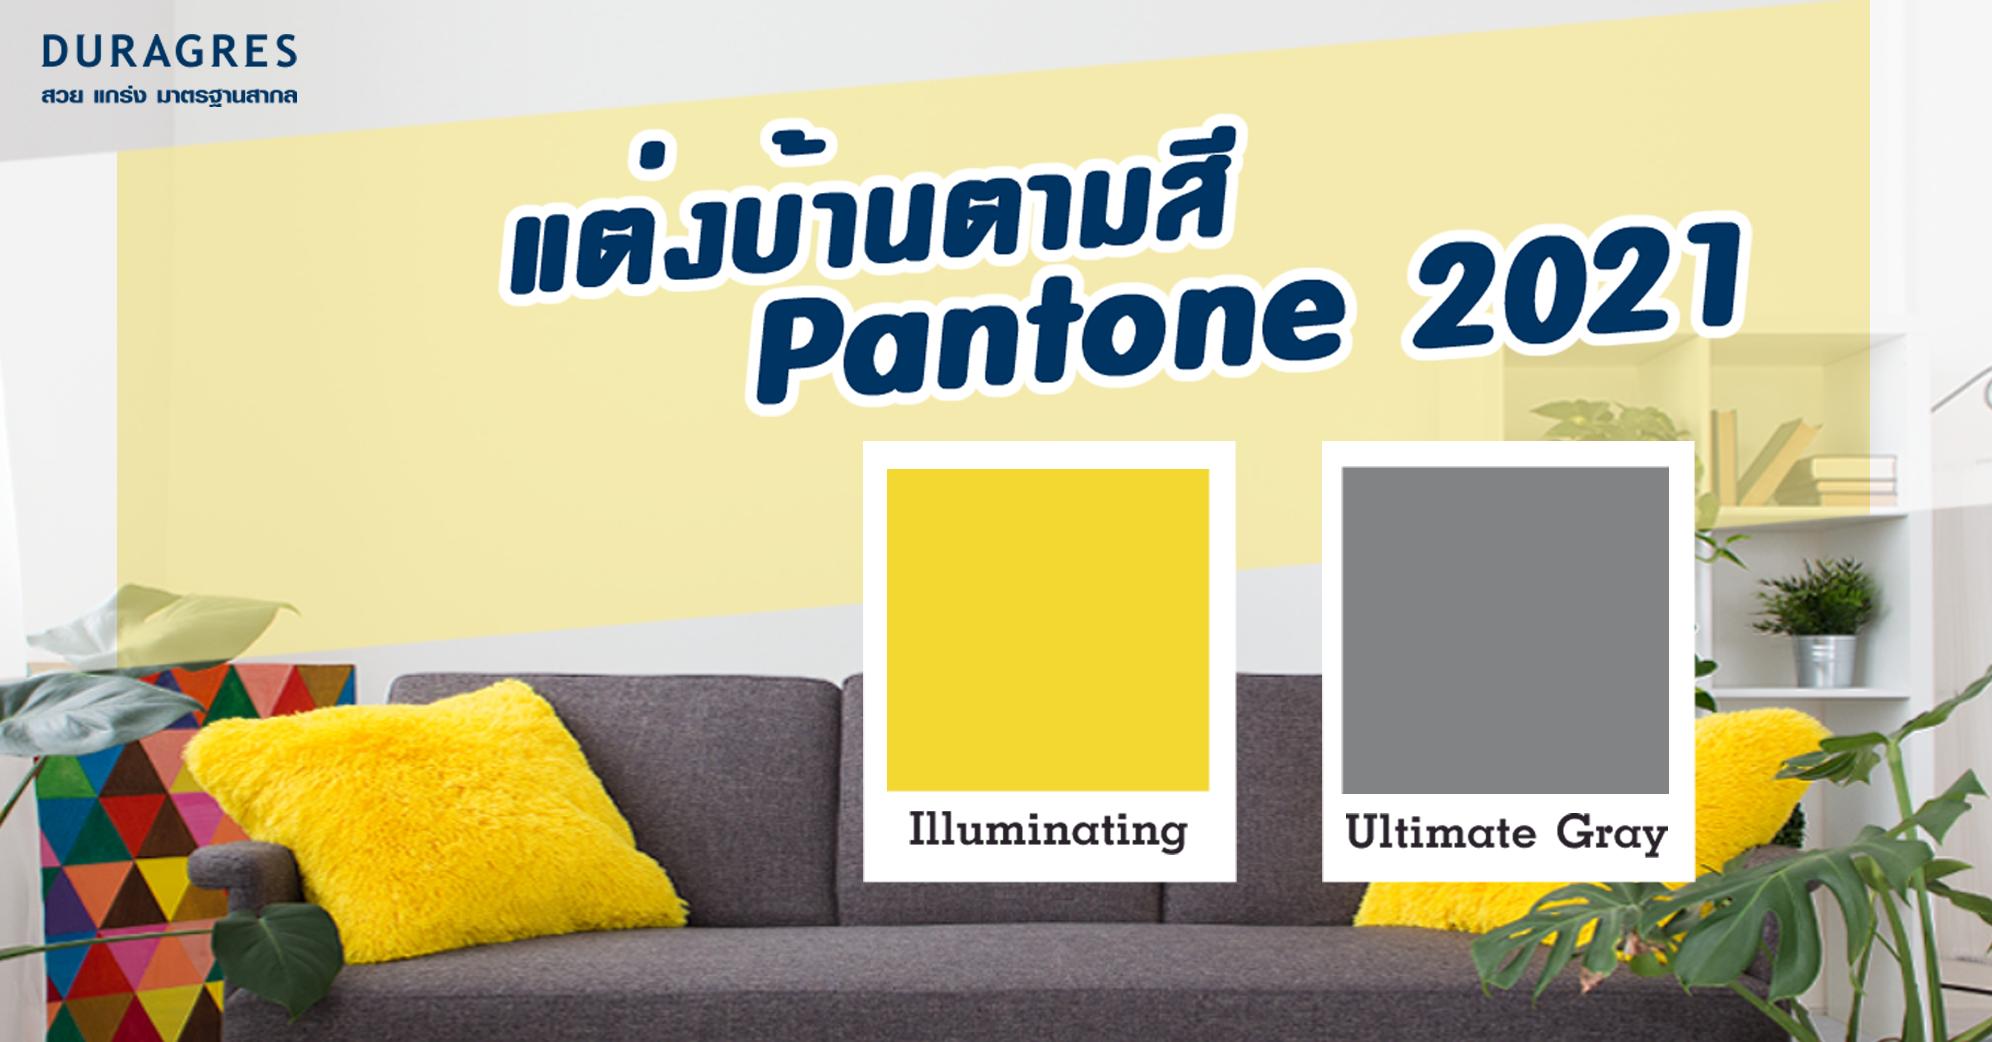 ตกแต่งบ้านตามสี Pantone 2021